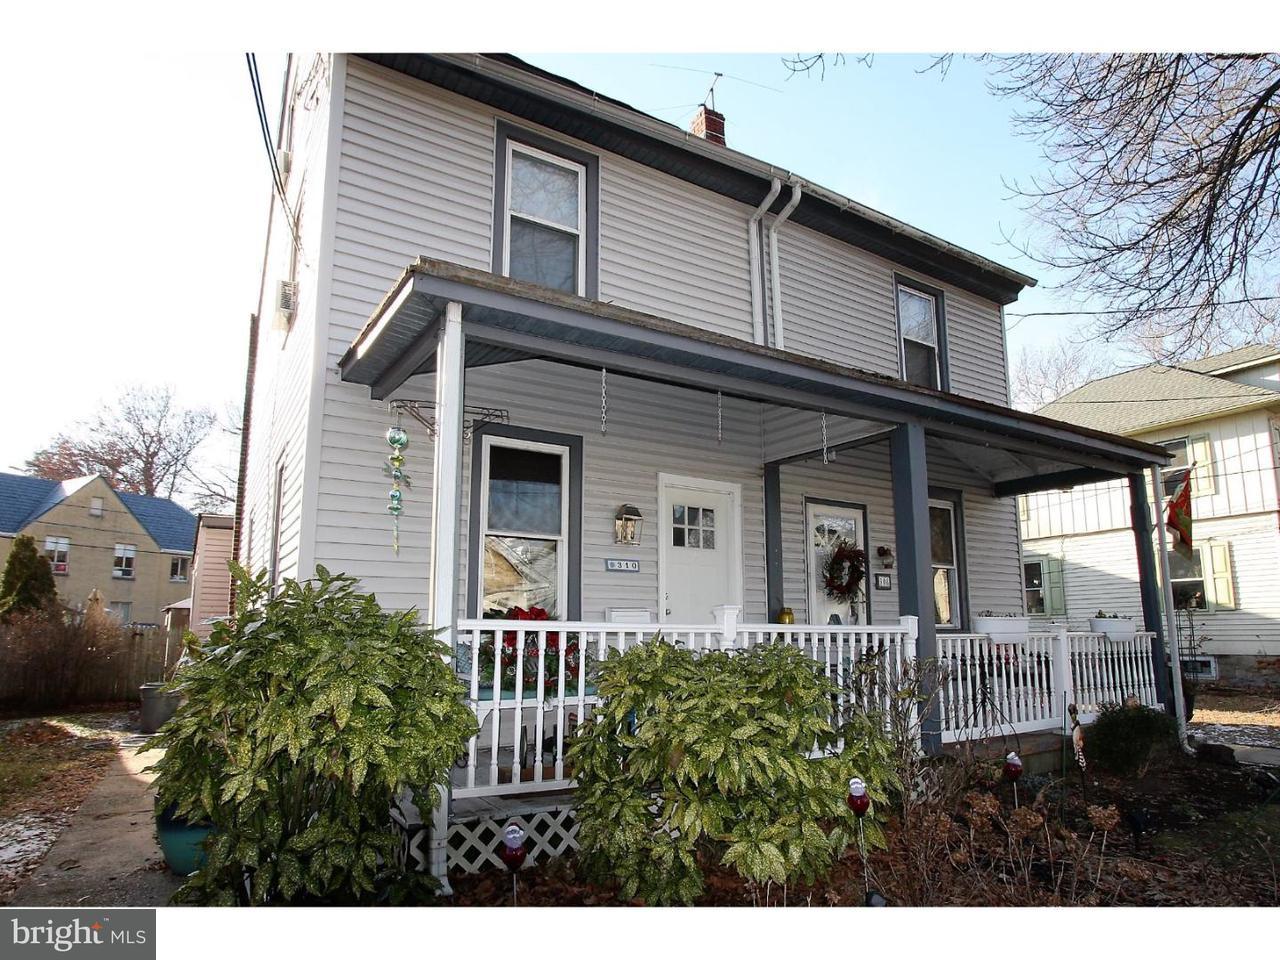 Casa unifamiliar adosada (Townhouse) por un Venta en 310 PENN Street Riverton, Nueva Jersey 08077 Estados Unidos